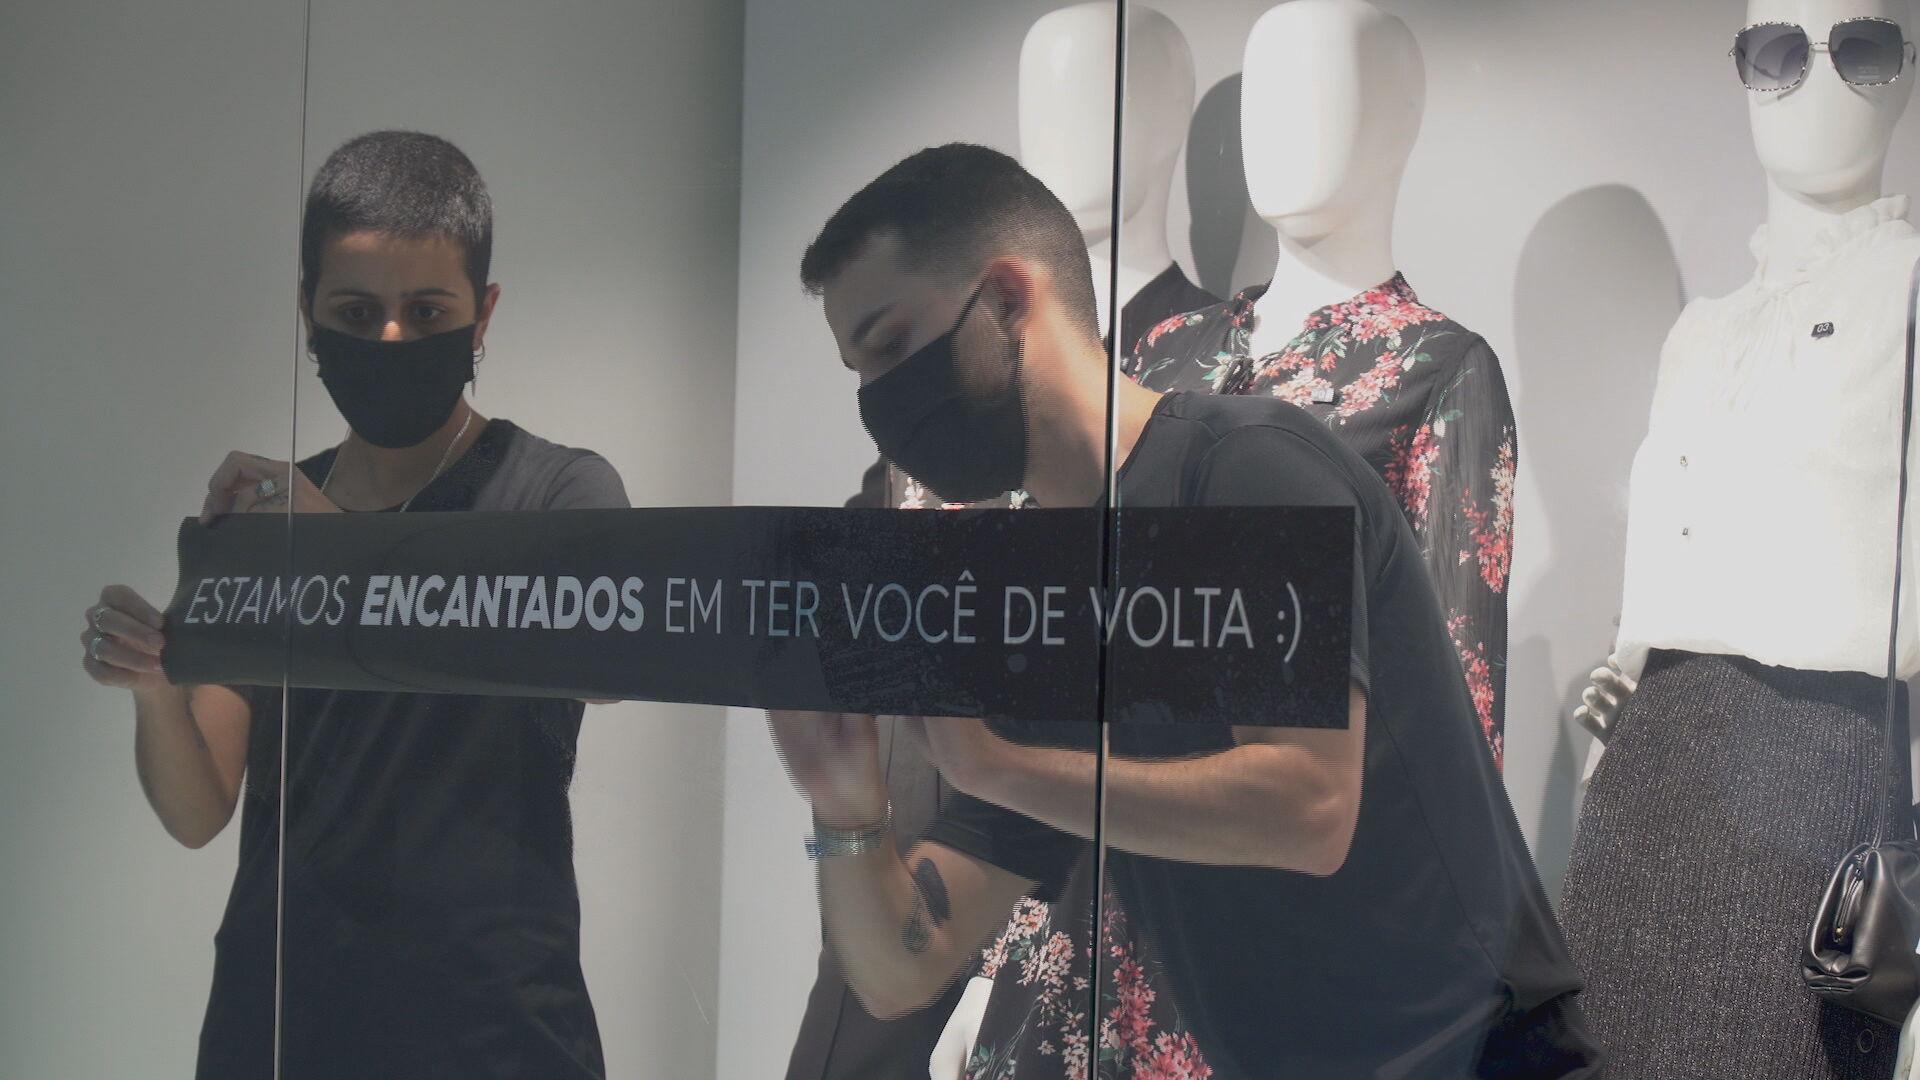 Lojistas colocam anúncio em vitrine de loja em shopping na capital paulista